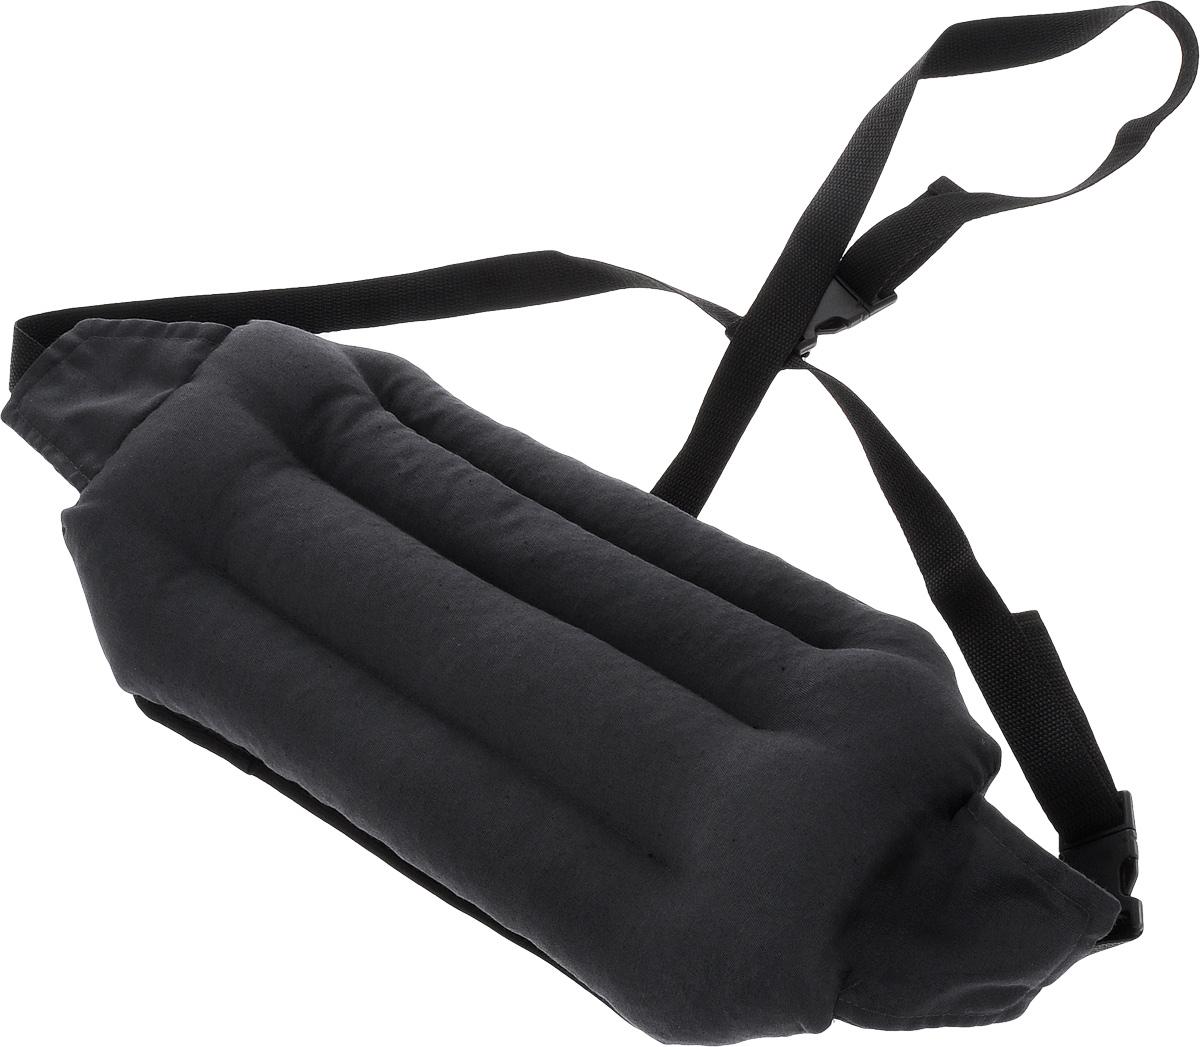 Подушка под спину Smart Textile Офис, наполнитель: лузга гречихи, 40 х 20 смT511Подушка под спину Smart Textile Офис предназначена для людей, которые много времени проводят сидя на стуле или офисном кресле. Конструкция подушки выполнена таким образом, чтобы поясничная зона чувствовала себя максимально комфортно. Поддерживается естественный изгиб позвоночника, что способствует профилактике остеохондроза, уменьшается боль в пояснице. Можно регулировать объем подушки, подгоняя ее под свои анатомические изгибы поясницы. Удобные завязки позволяют регулировать ее положение на любом кресле.Подушка заполнена лепестками гречишной лузги, которая обладает множеством полезных качеств:- Хорошо проветривается.- Предупреждает потение.- Поддерживает комфортную температуру.- Обминается по форме тела.- Обеспечивает микромассаж.- Улучшает кровообращение.- Исключает затечные явления.Подушка также будет полезна и дома - при работе за компьютером, школьникам - при выполнении домашних работ.Чехол подушки выполнен из смесовой ткани.